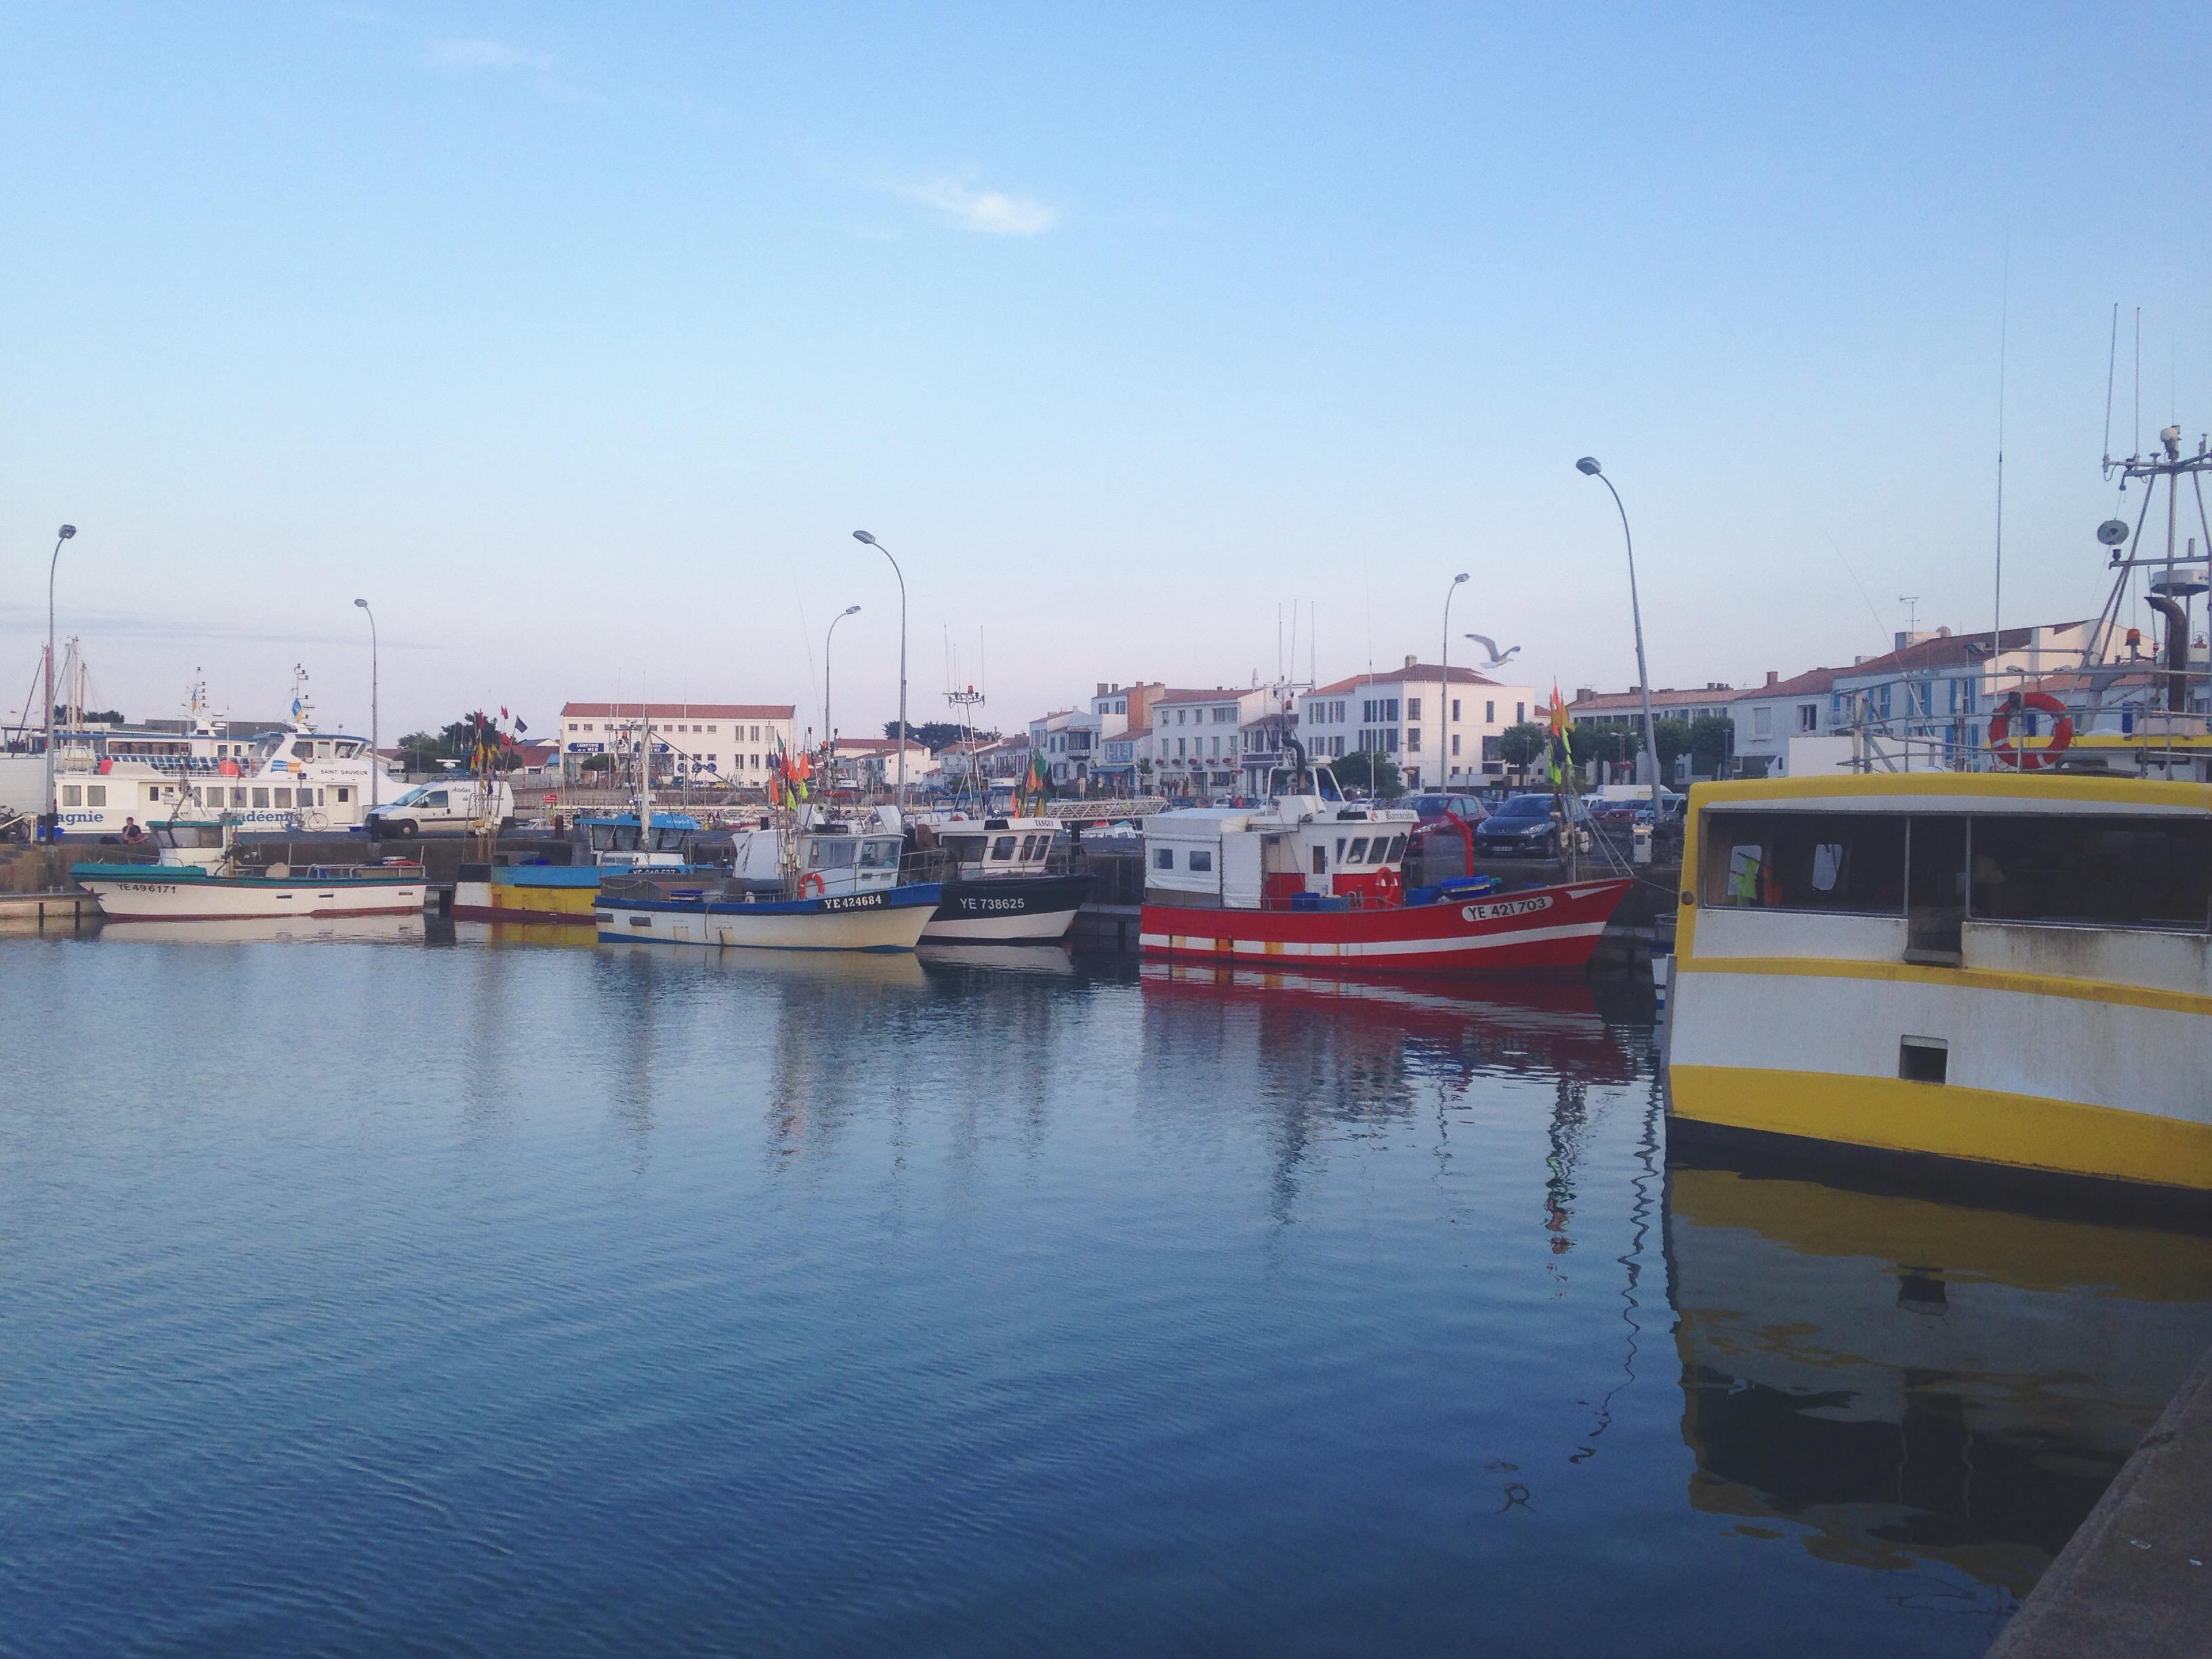 les bateaux de peche du port de l'ile d'yeu